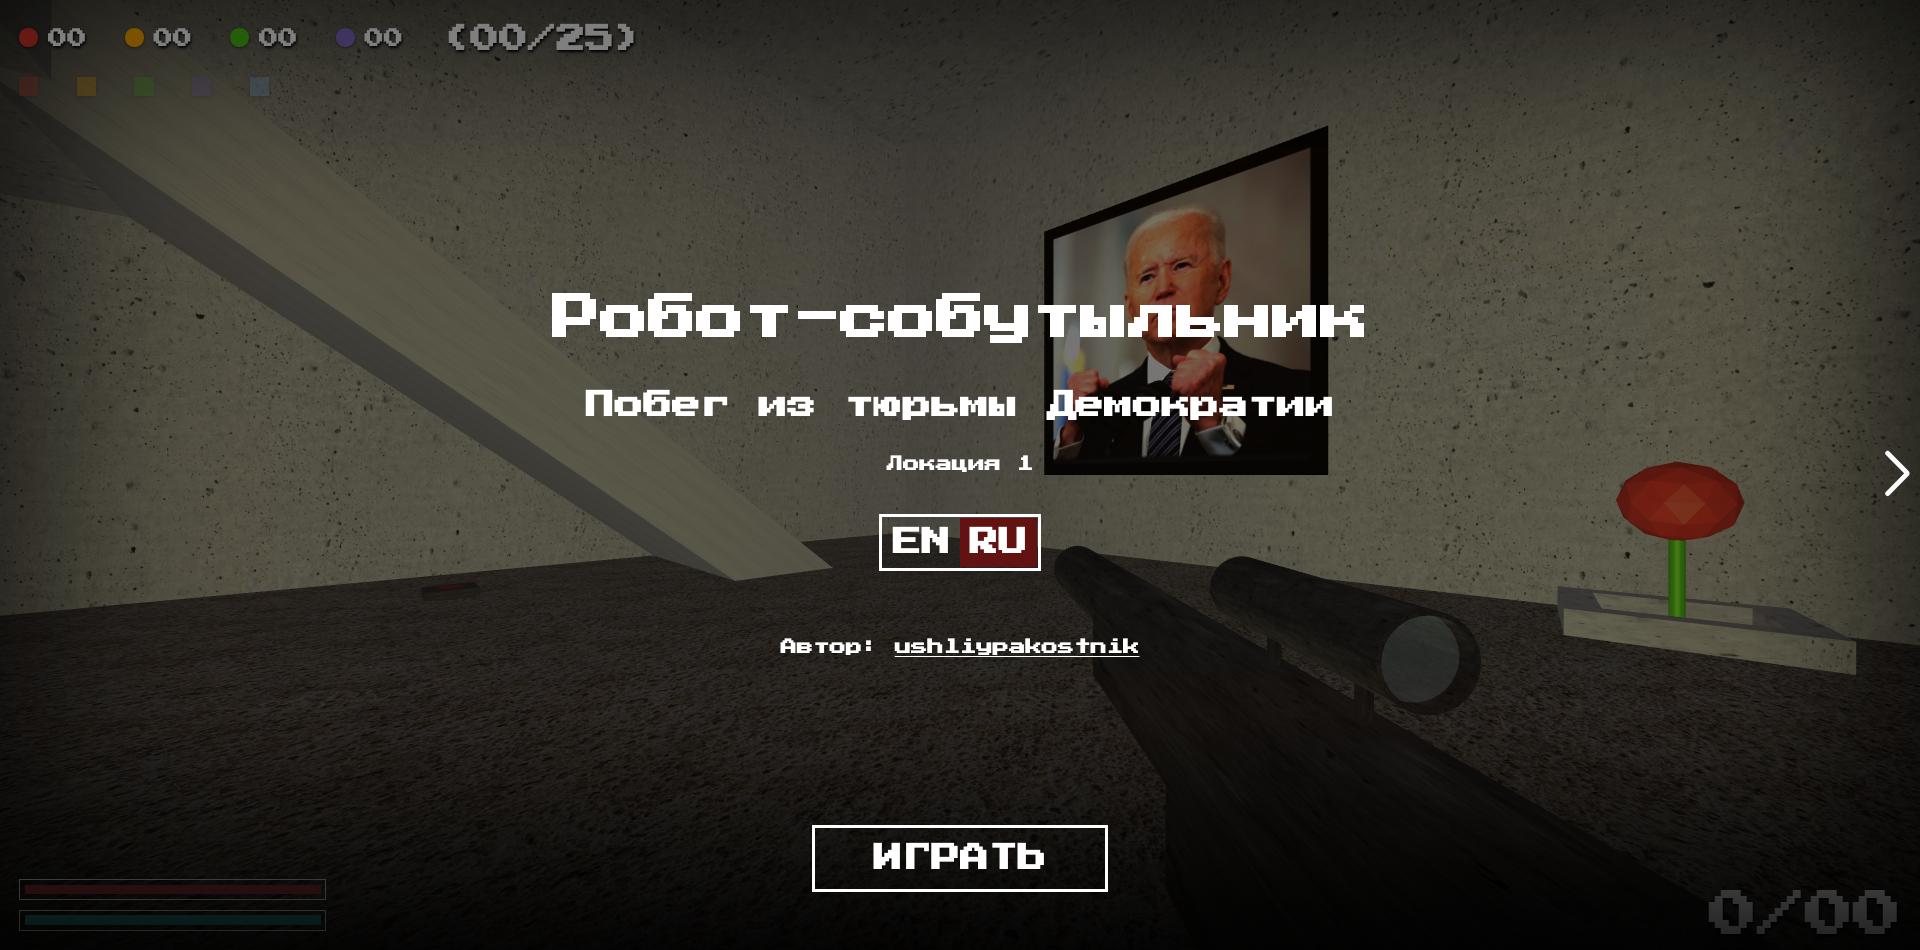 Стартовый экран игры